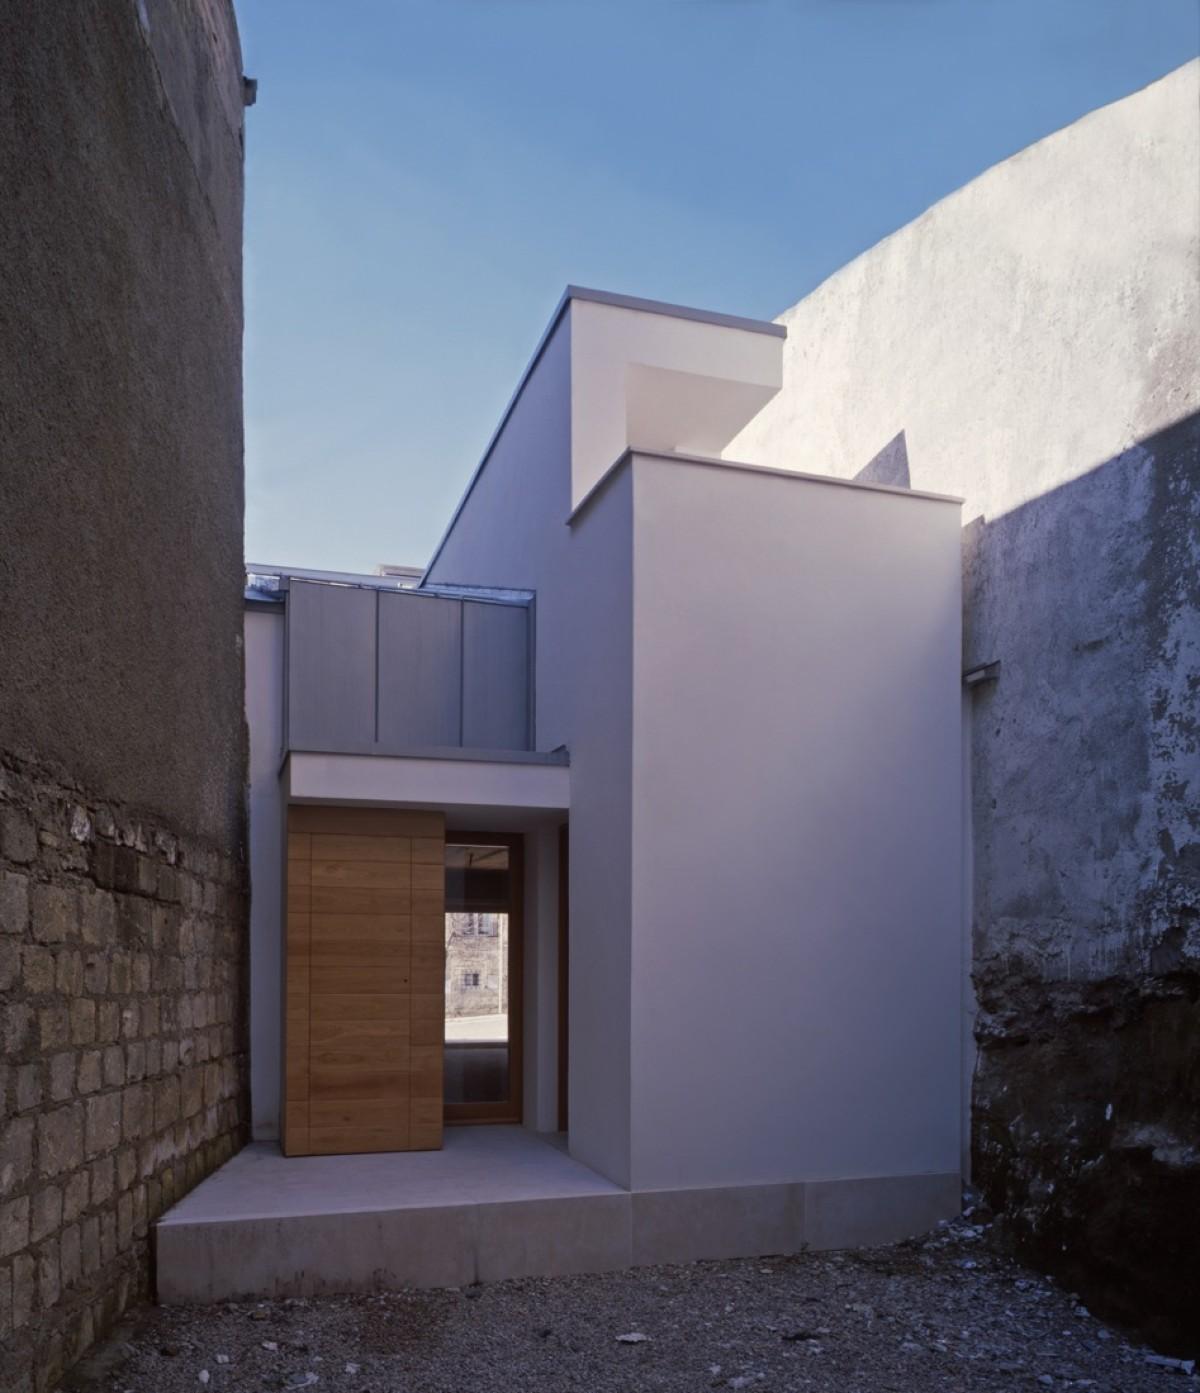 Raimondo Guidacci deux maisons 12